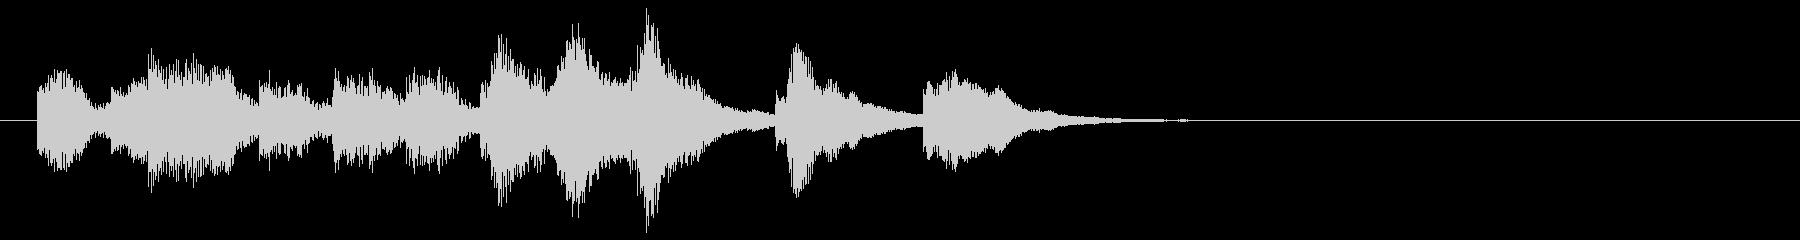 のほほんジングル002_かわいいの未再生の波形